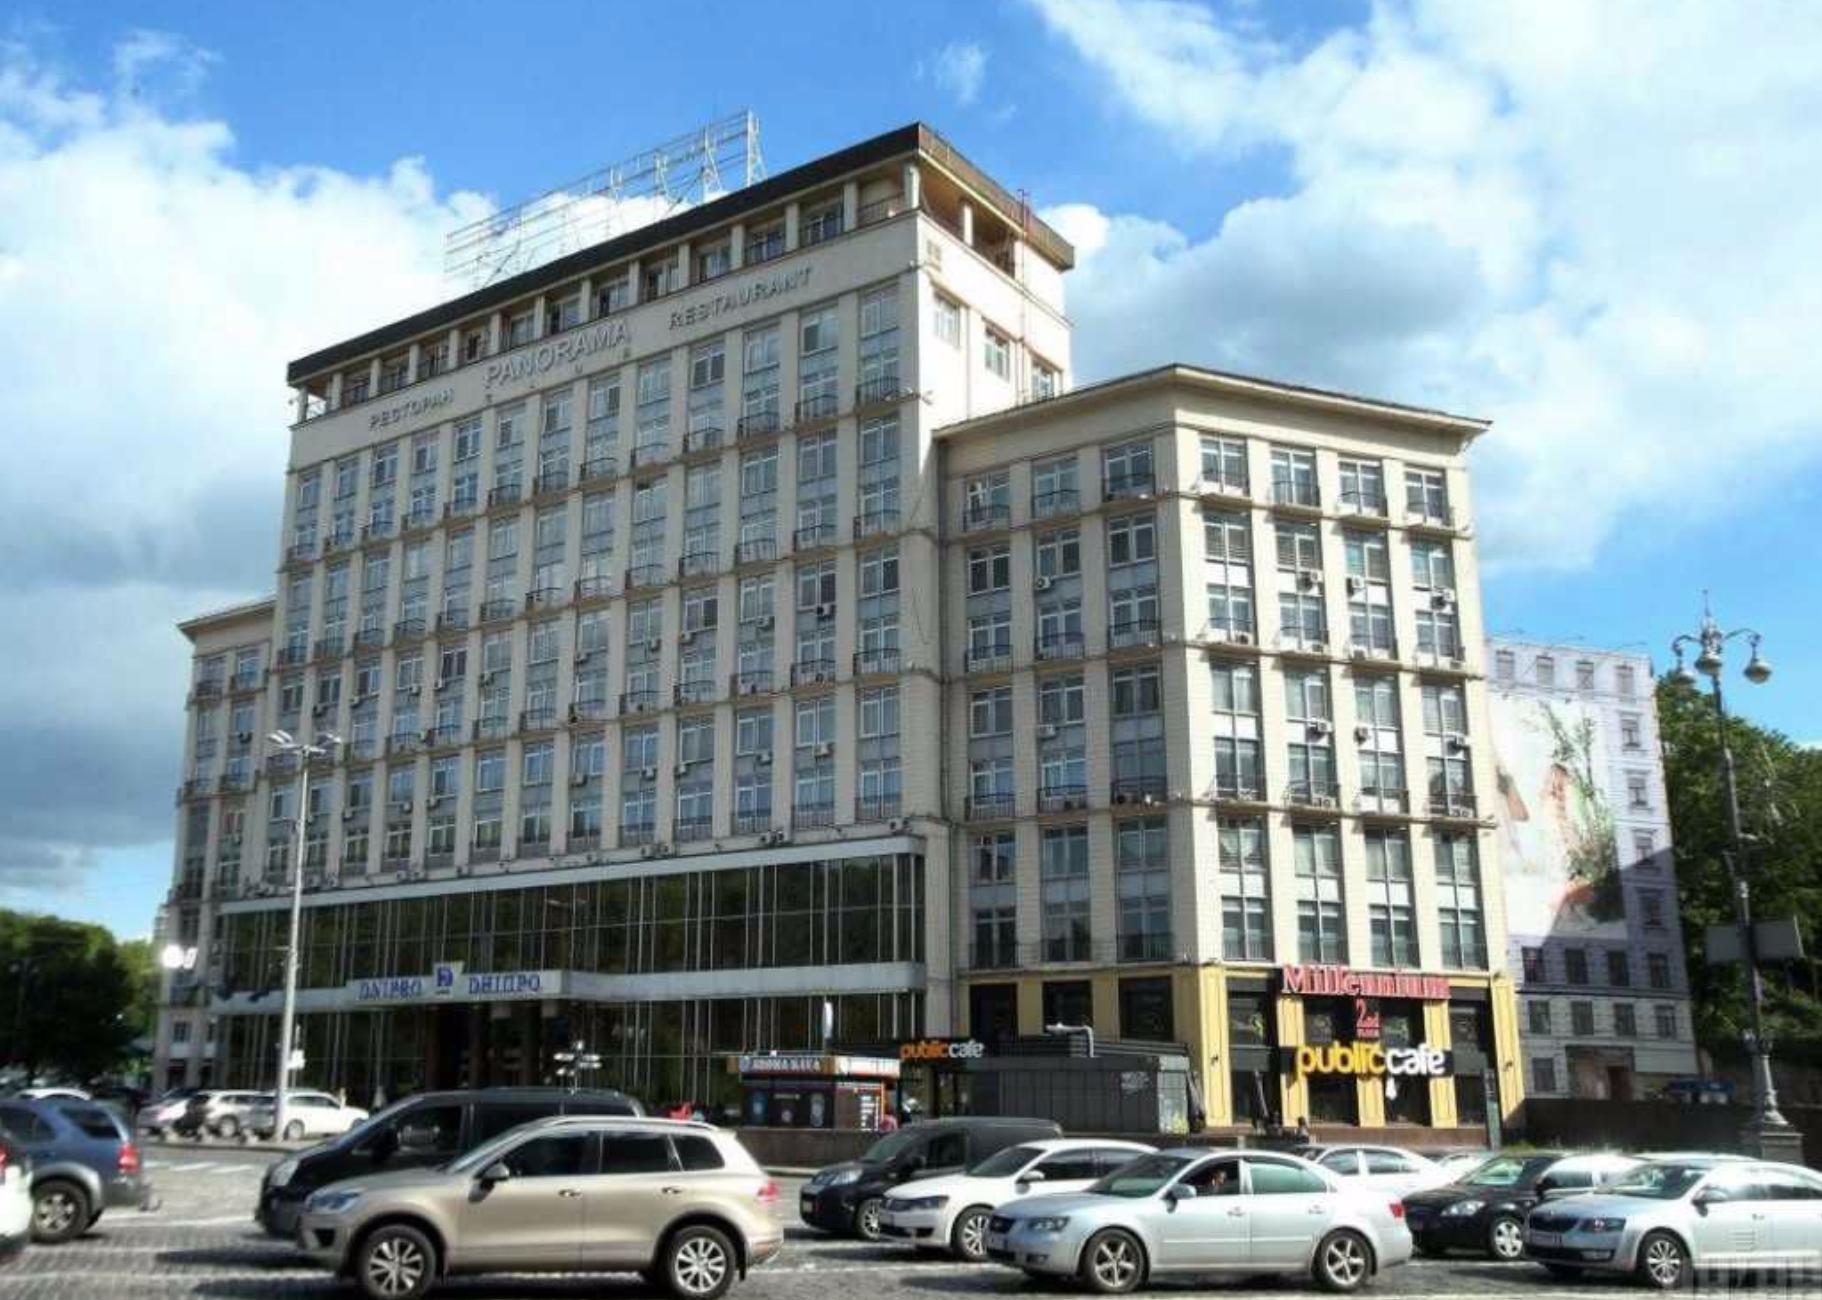 Будет ли в отеле Днепр в Киеве казино?